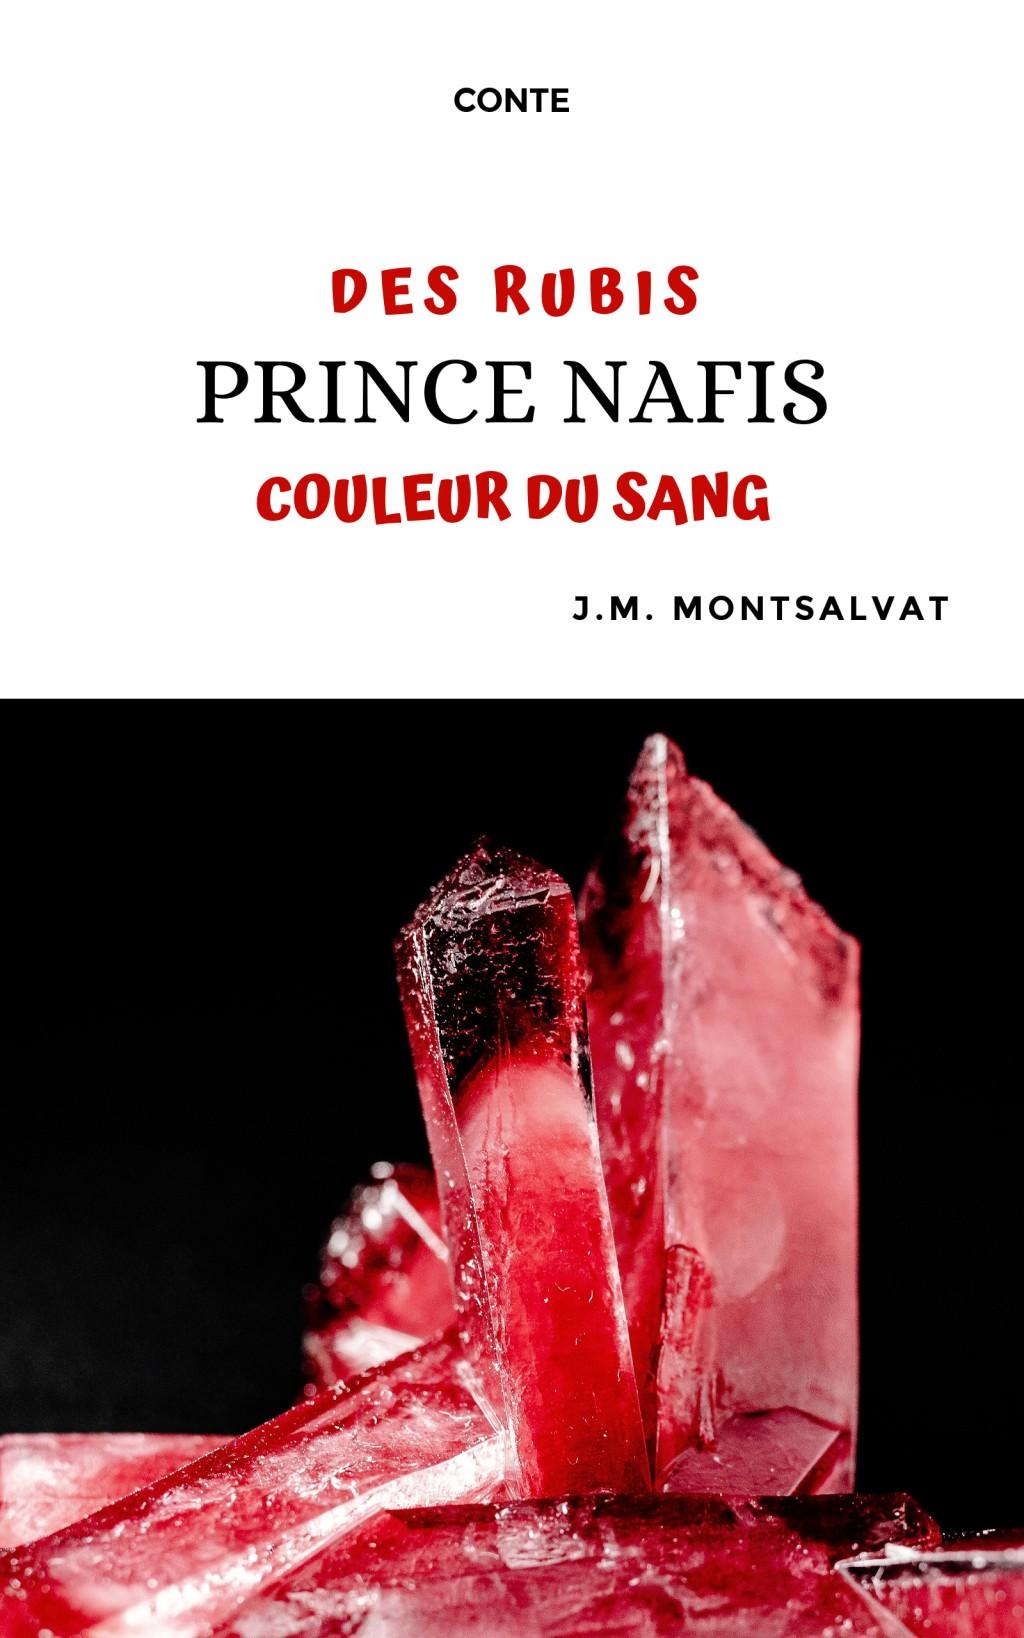 Prince Nafis, des rubis couleur du sang